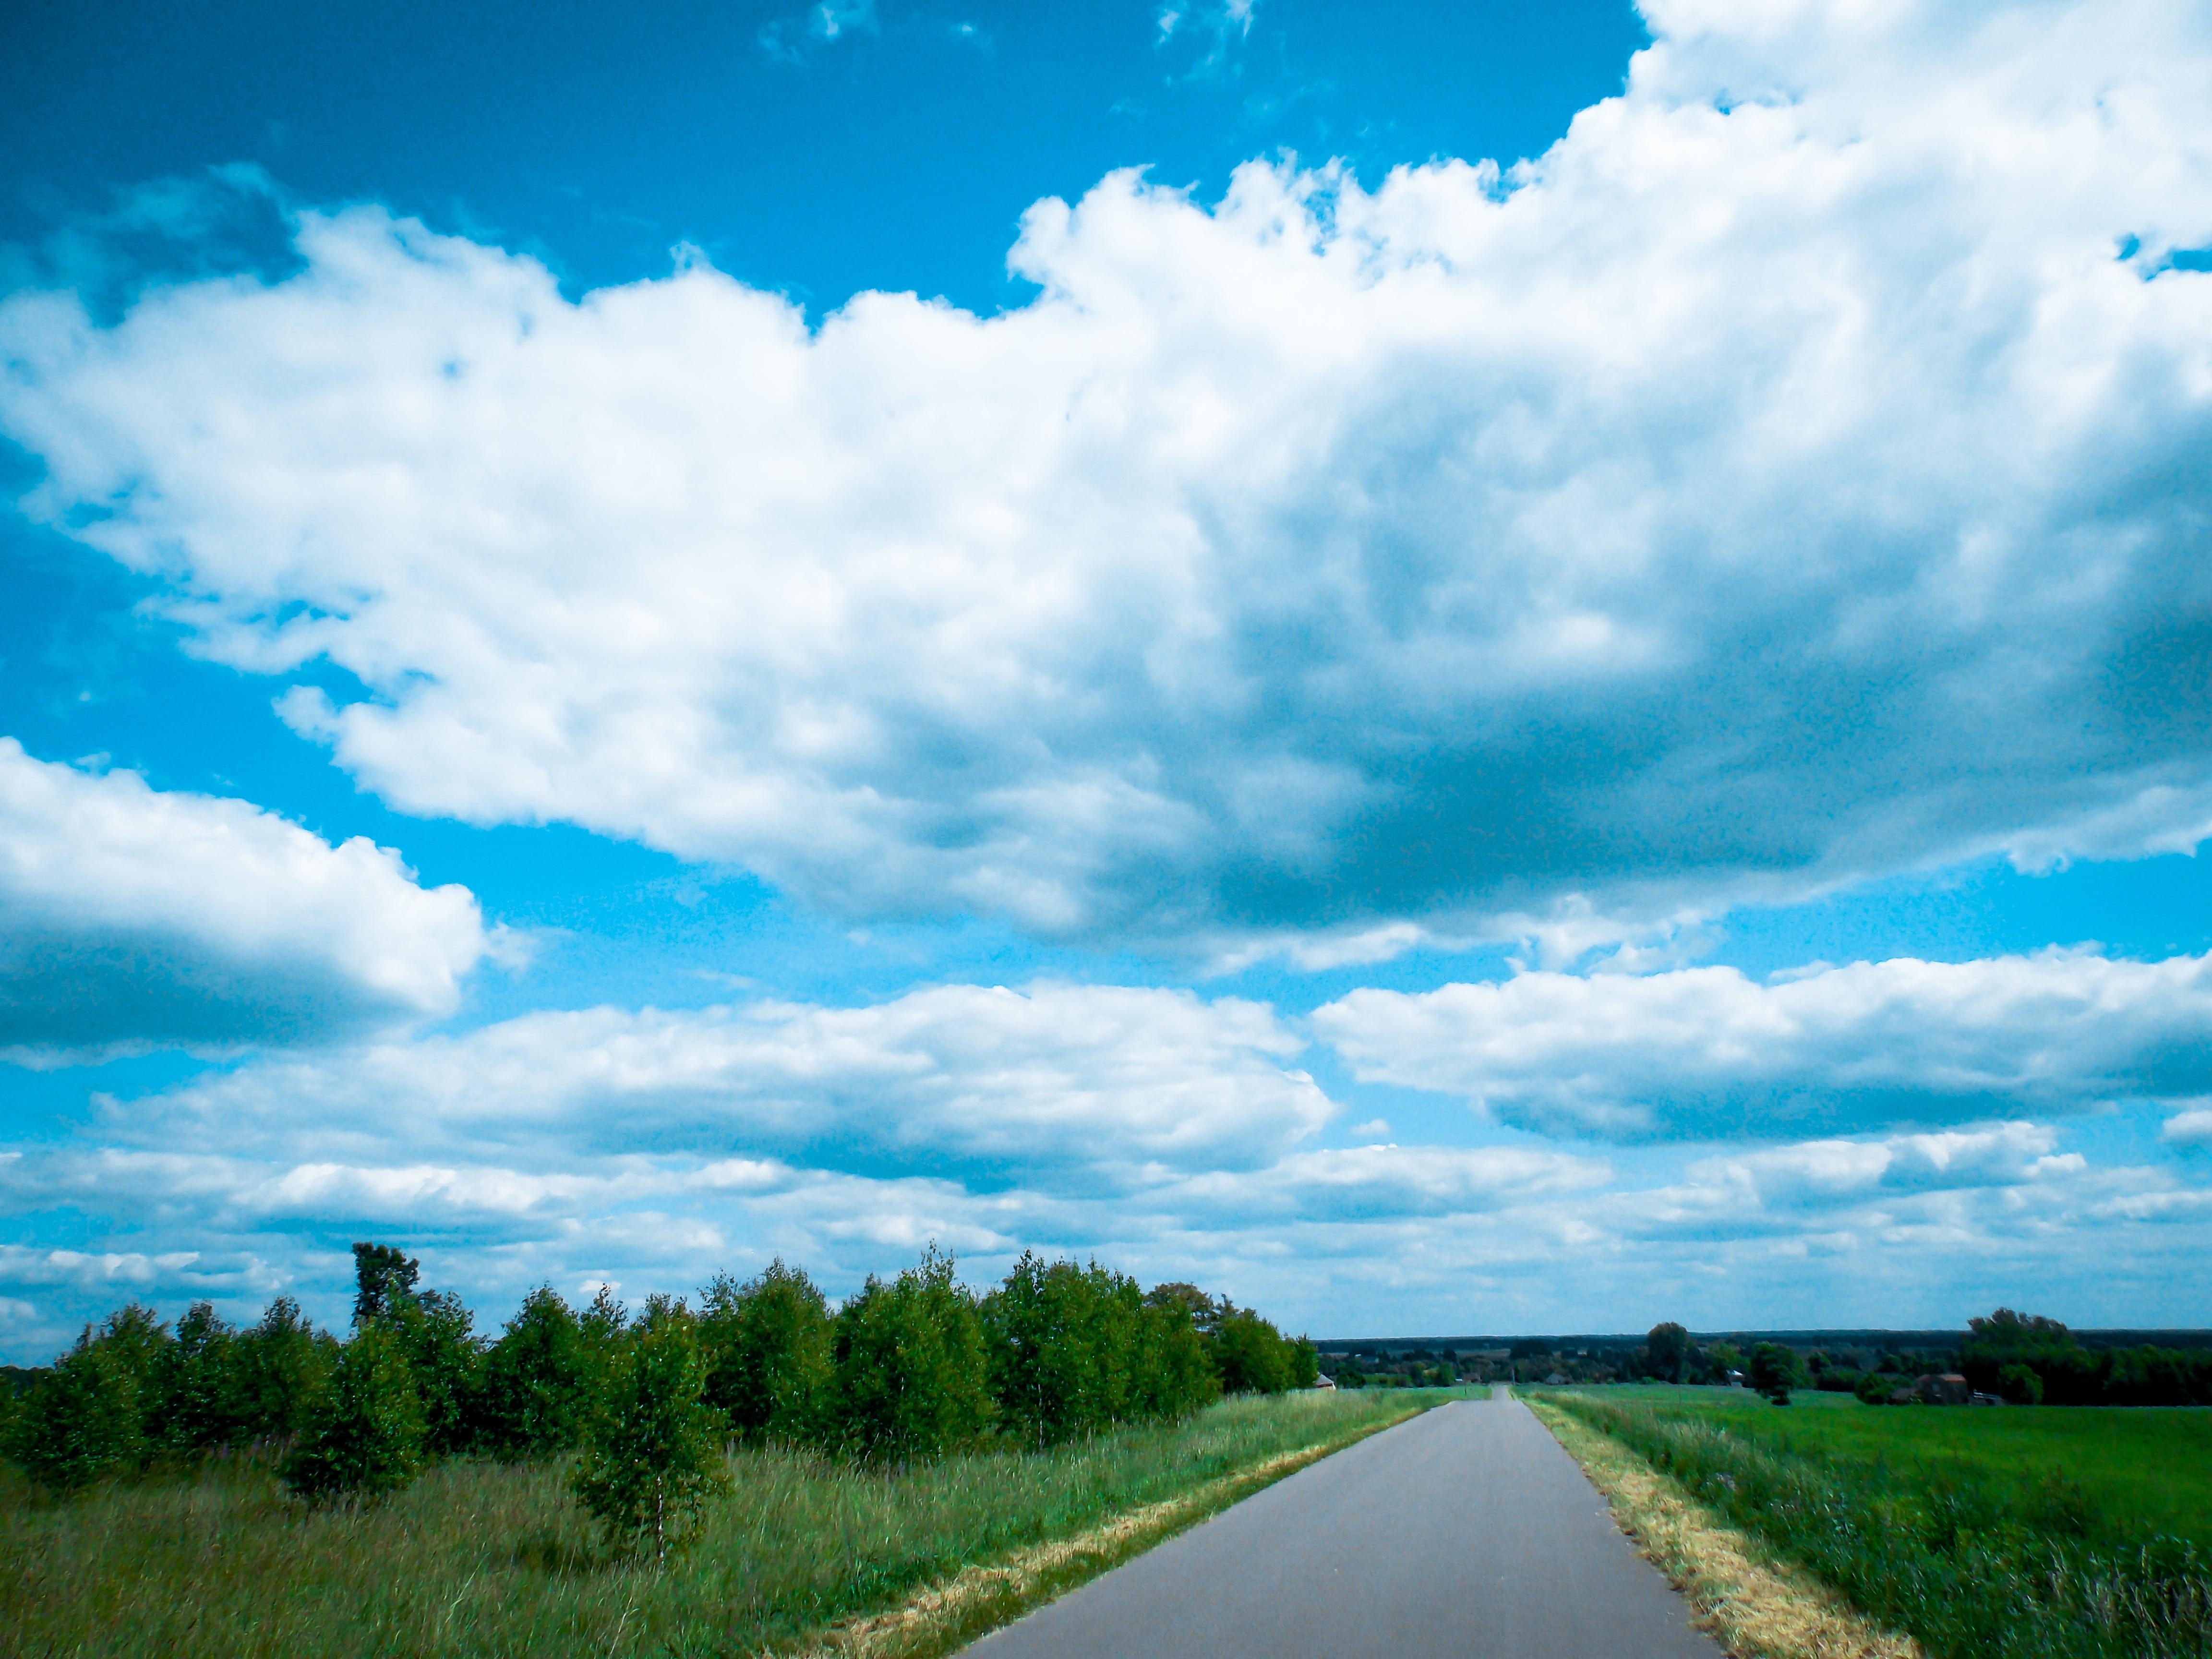 фачинелли красивые картинки небо и дорогами шлюндр это